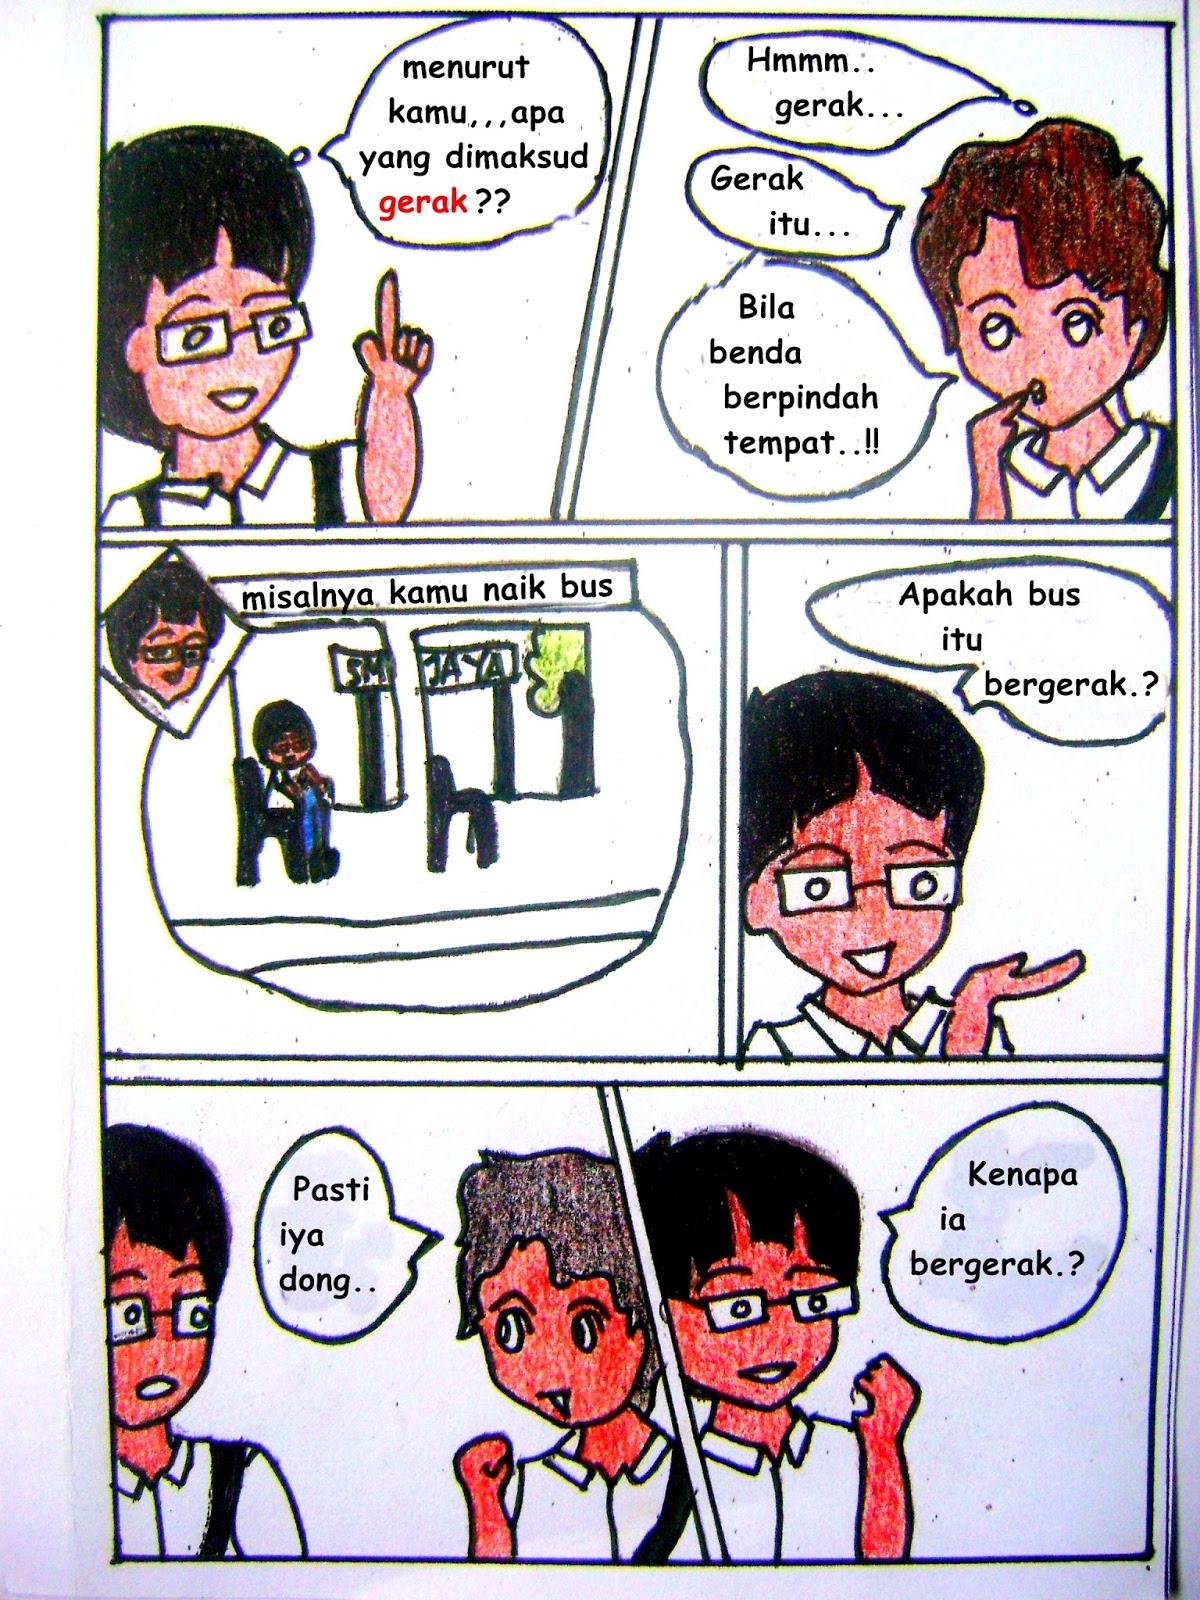 162 Gambar Ilustrasi Komik Sederhana Gambarilus